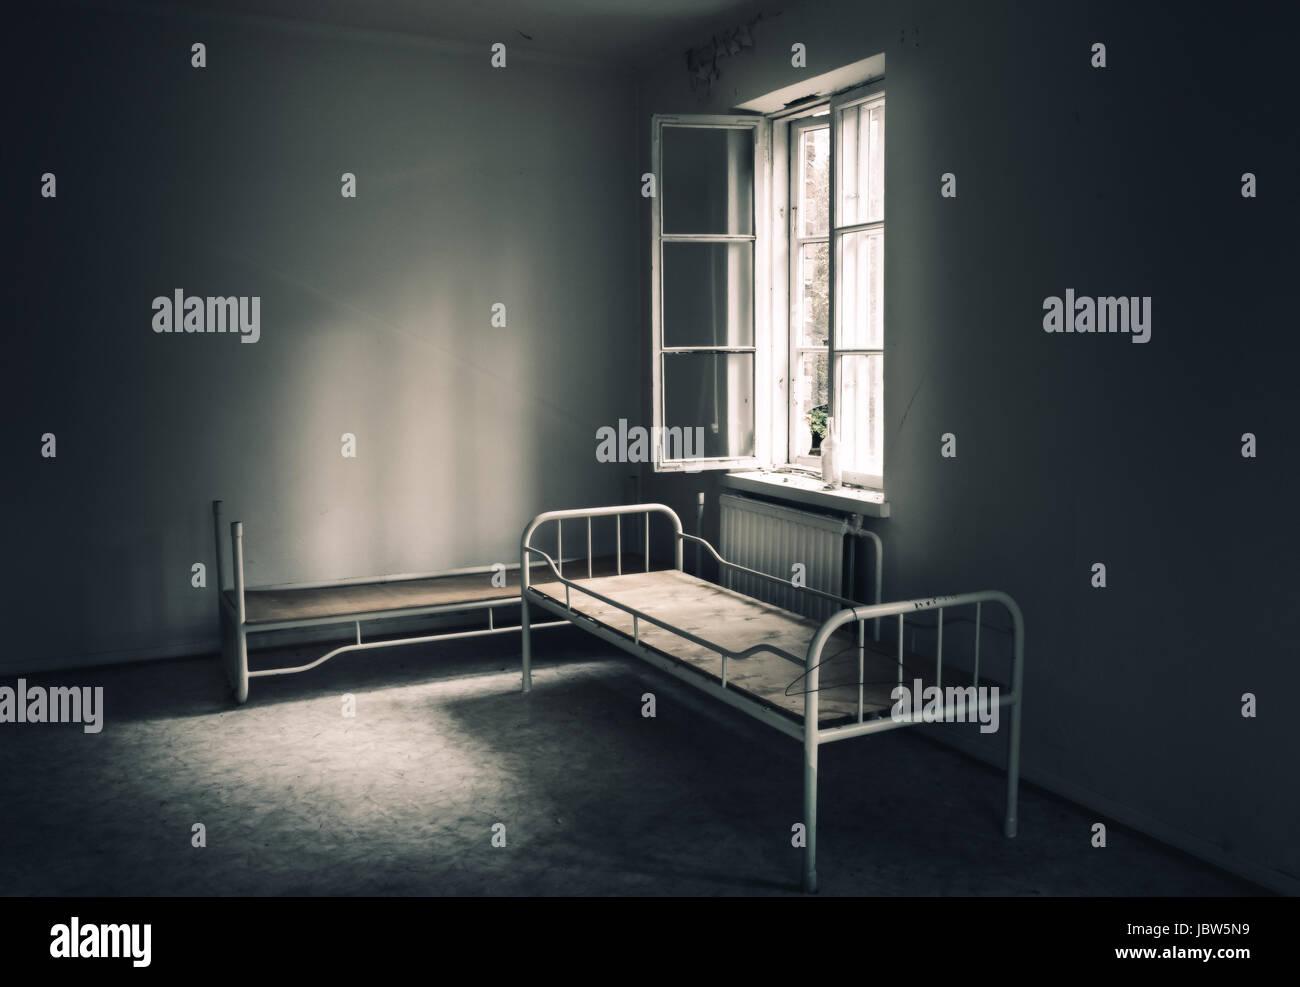 Dunklen Raum In Das Verlassene Haus Stockfoto Bild 144997477 Alamy